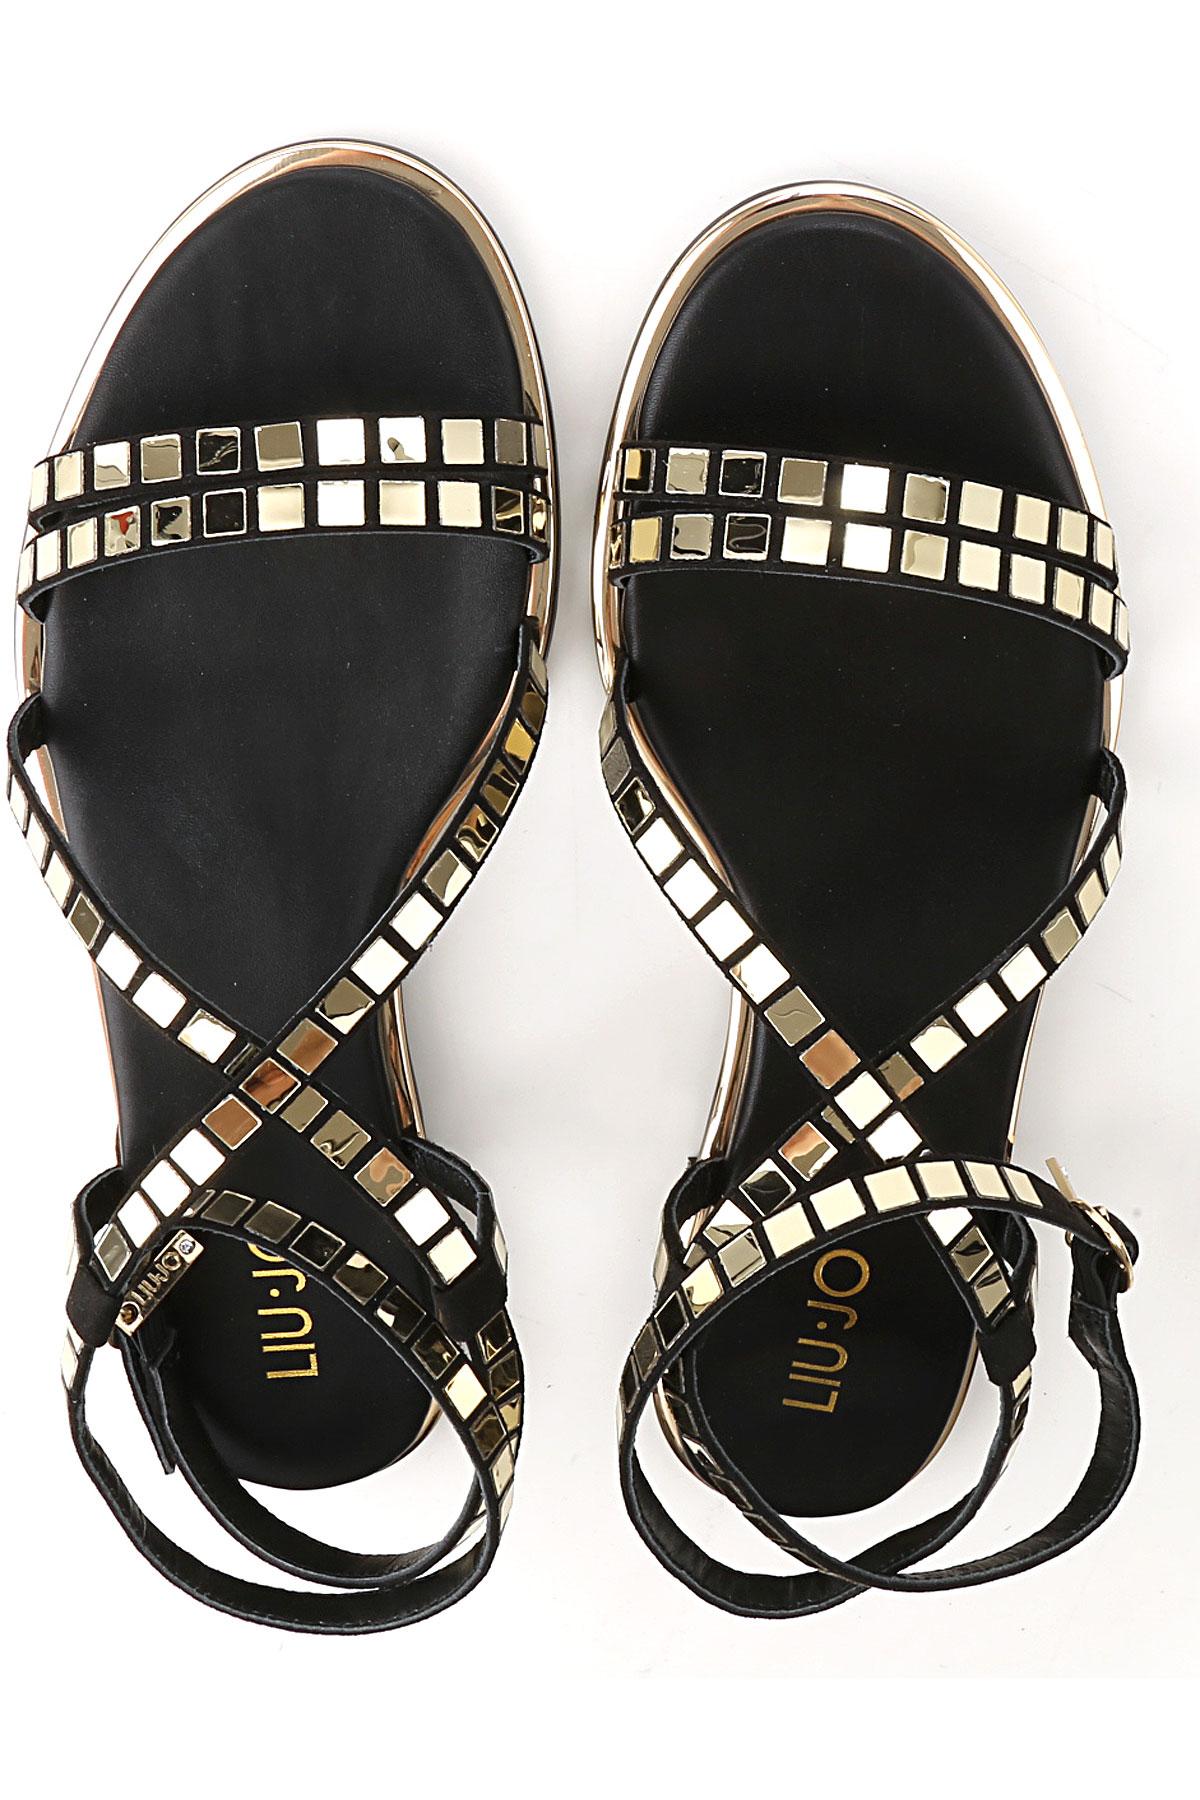 2019 Liu Primavera Jo dorado Para verano Oro Zapatos Mujer Negro 6Tqwp6x